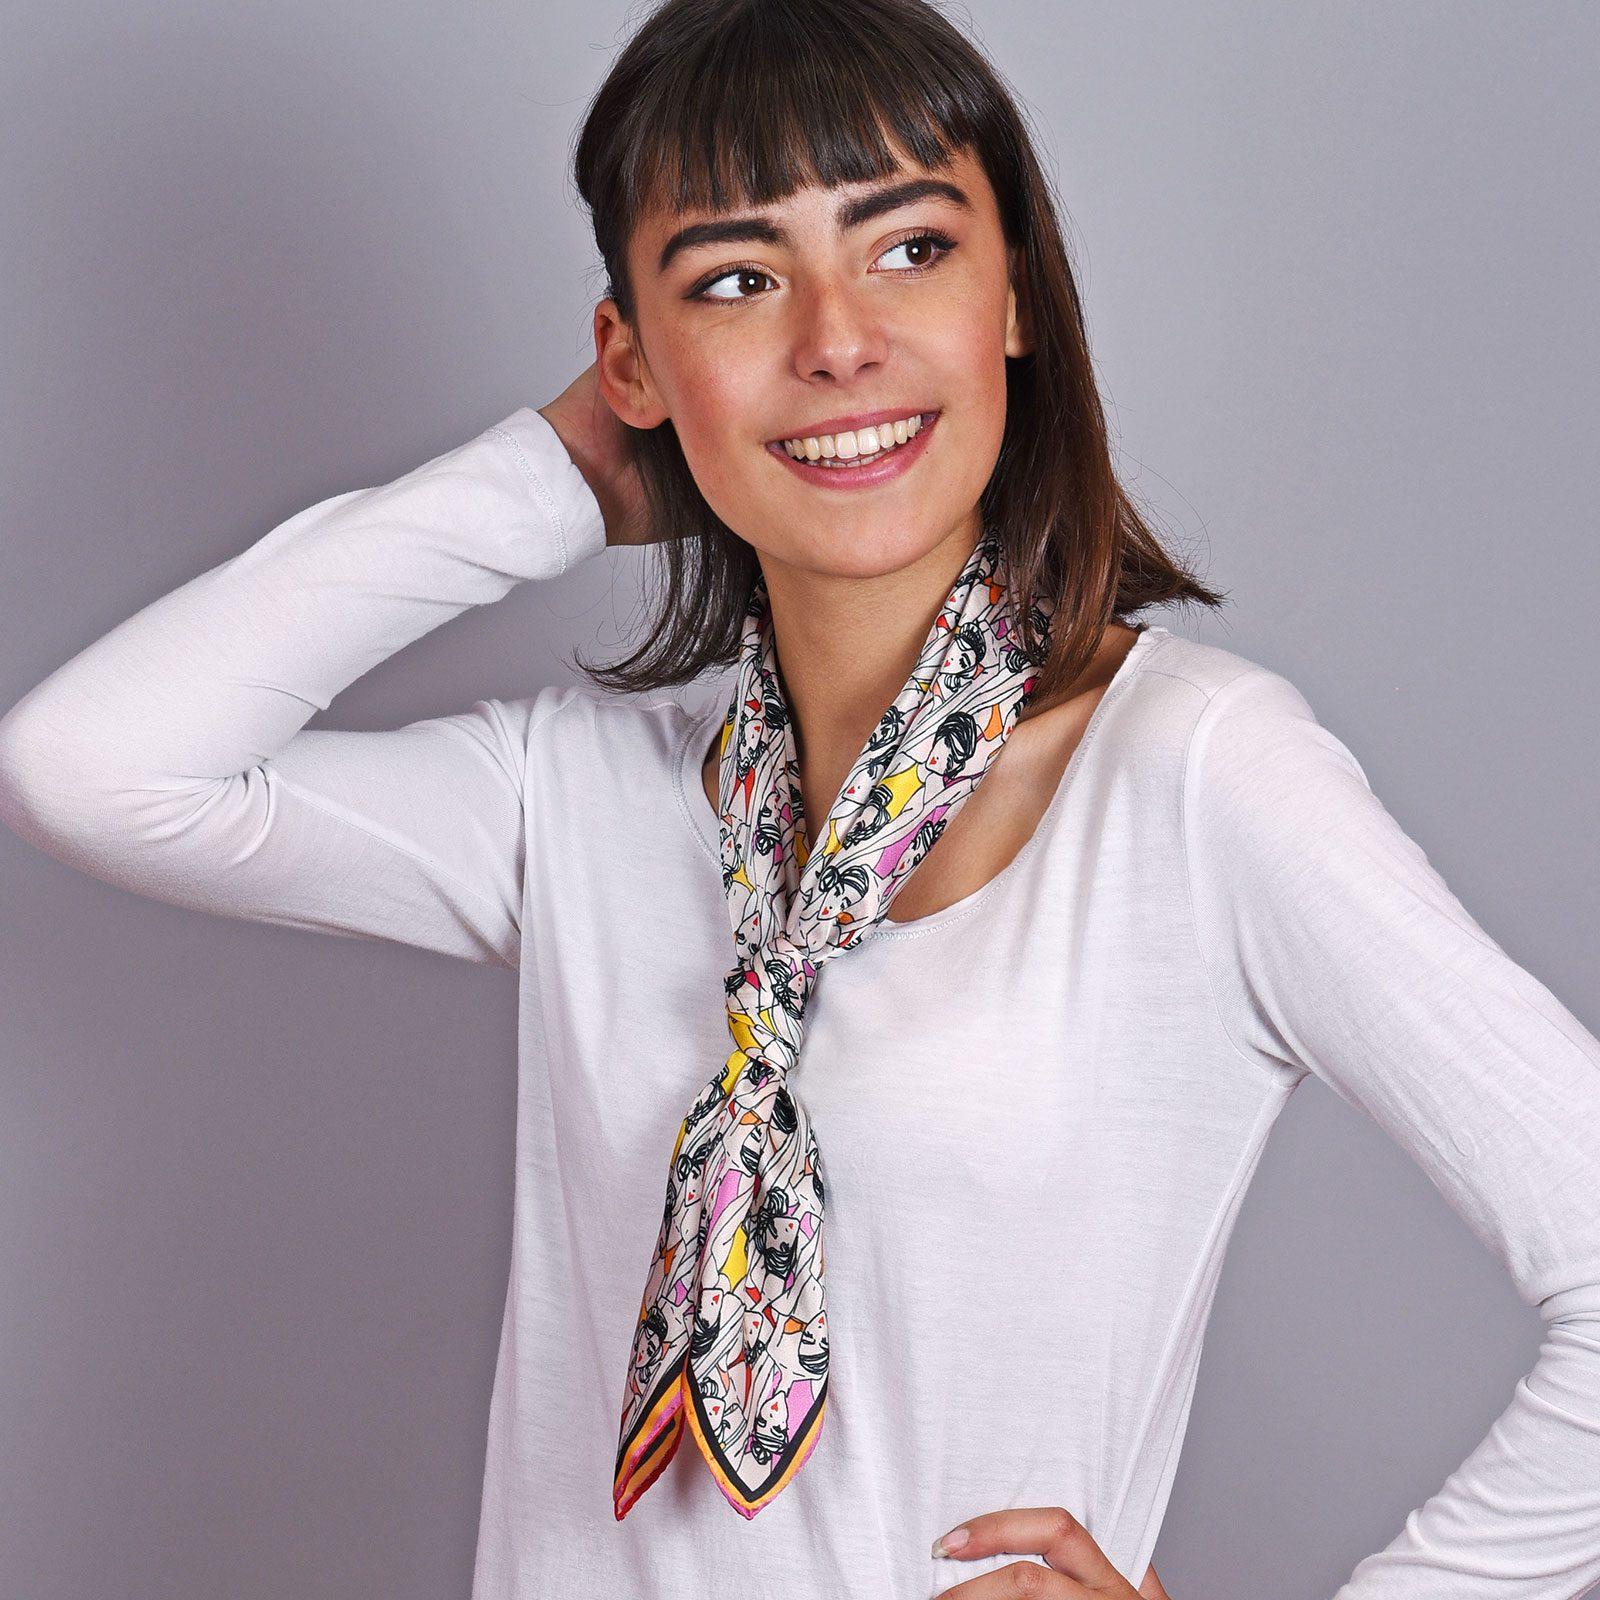 http://lookbook.allee-du-foulard.fr/wp-content/uploads/2018/12/AT-04606-VF16-2-carre-soie-femme-rouge-1600x1600.jpg